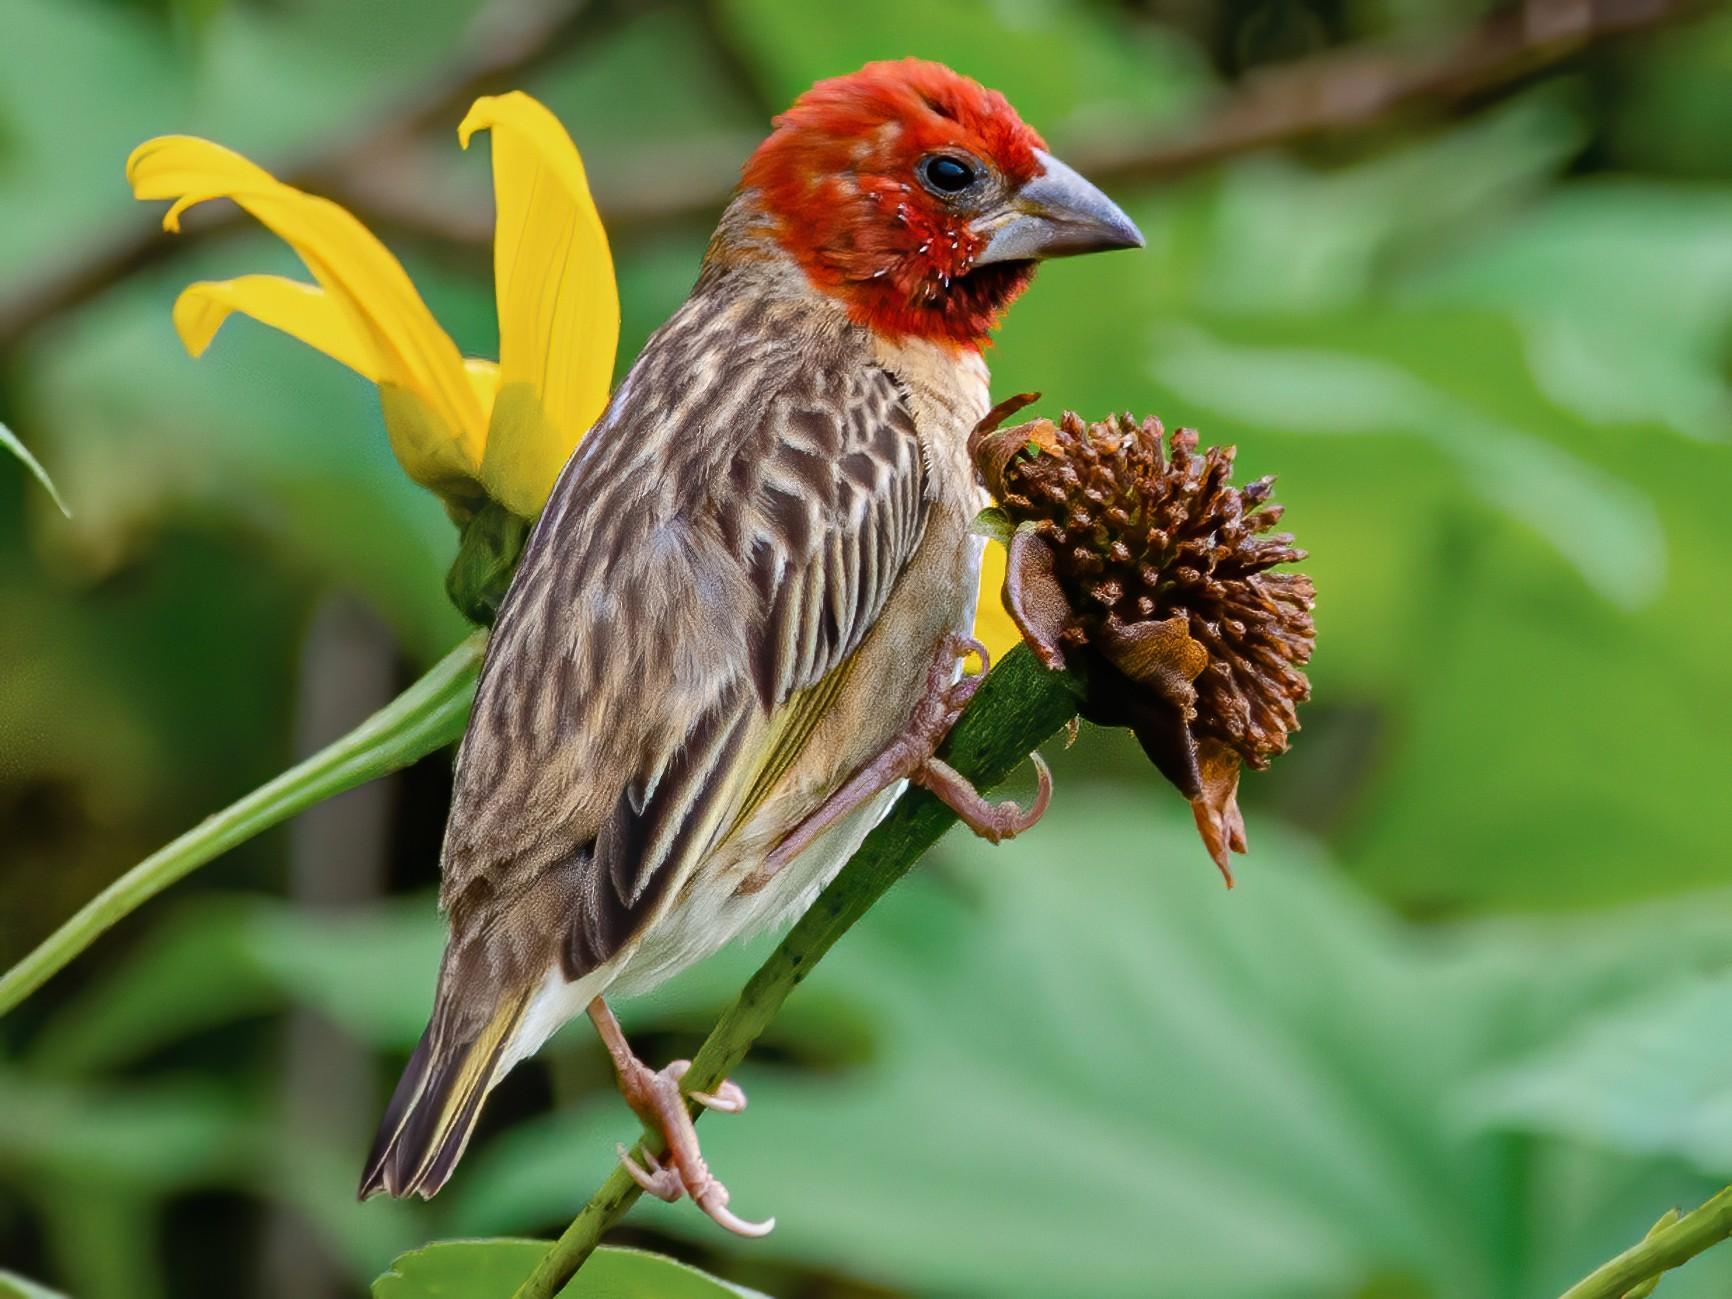 Red-headed Quelea - Antoon De Vylder